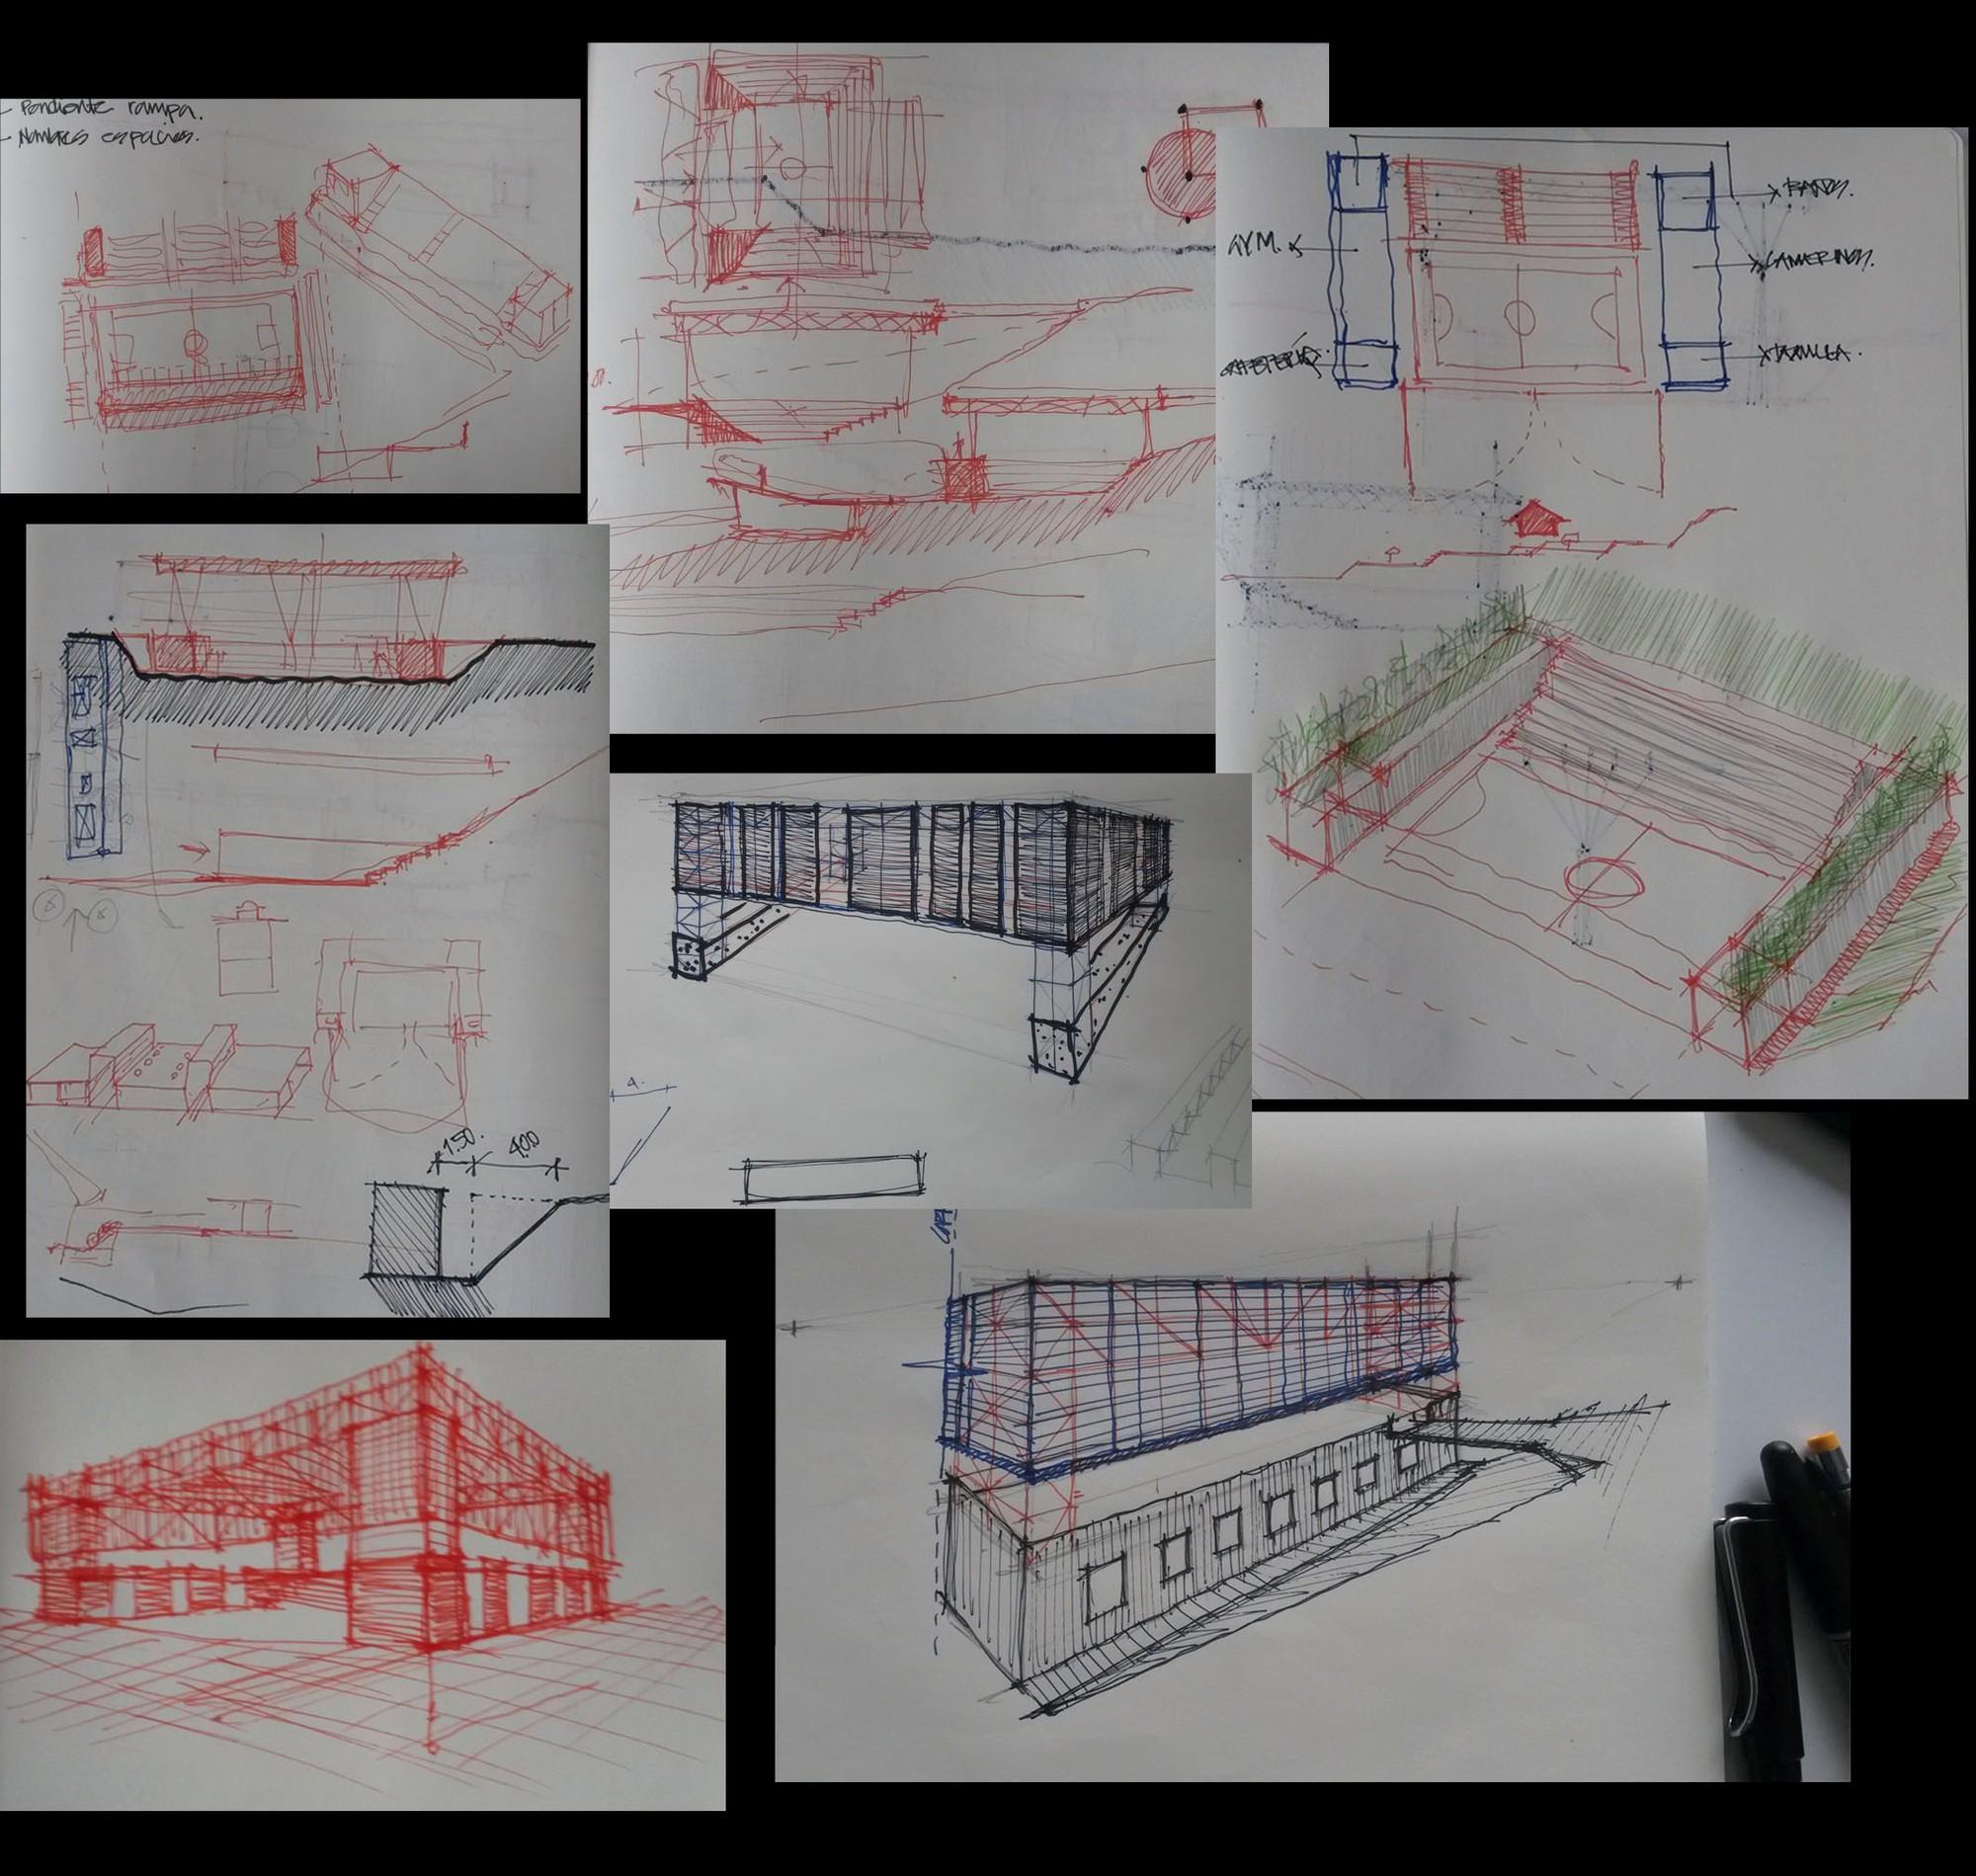 Croquis. Image Courtesy of CONTRAPUNTO Taller de Arquitectura